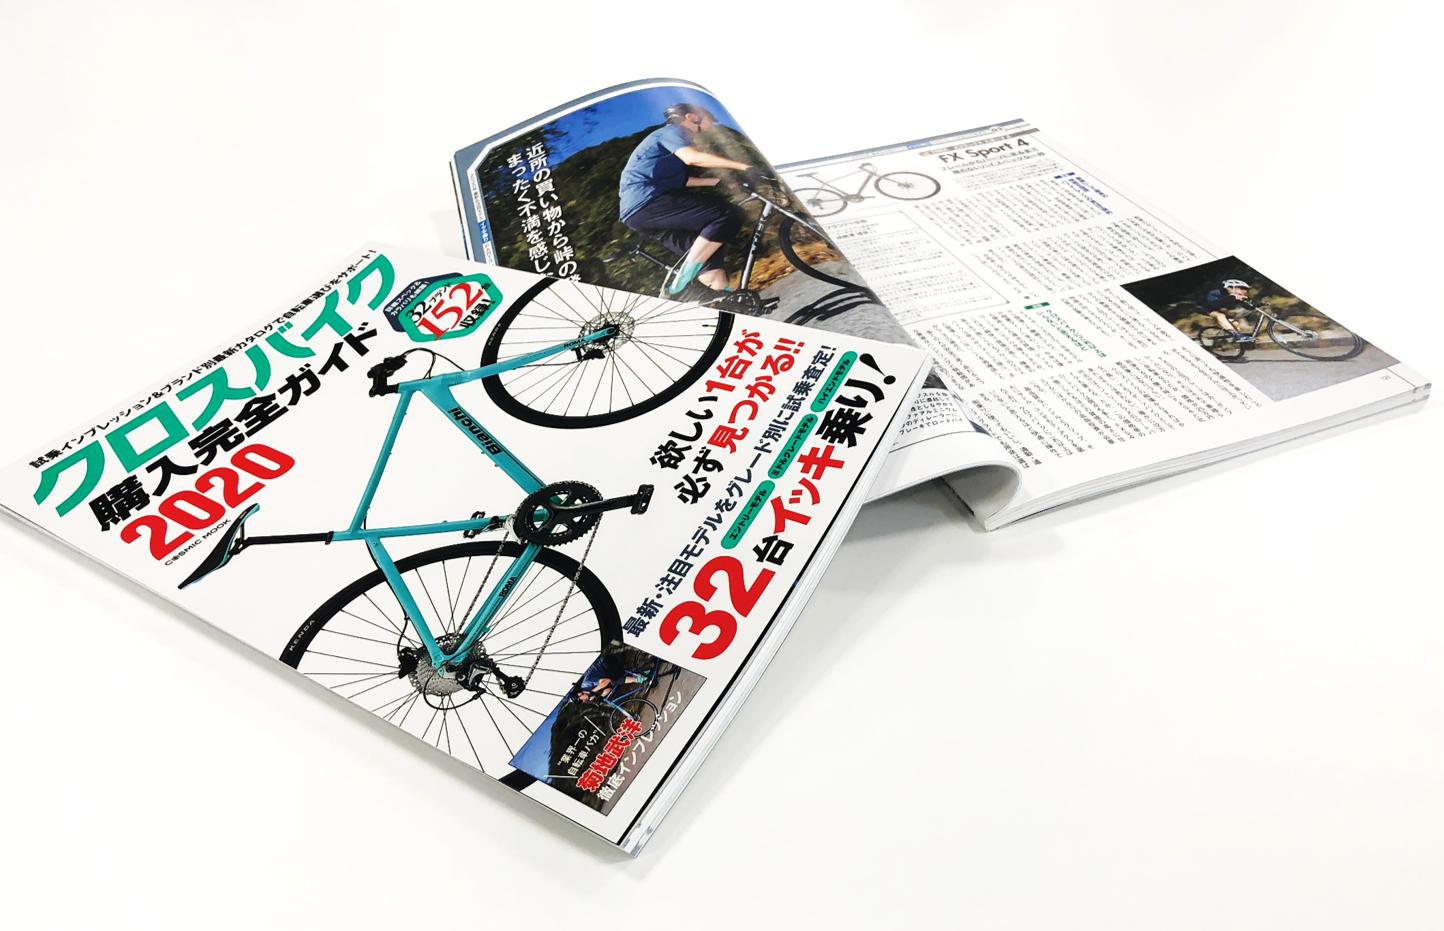 【メディア掲載】FX S 4 が唯一の満点評価!